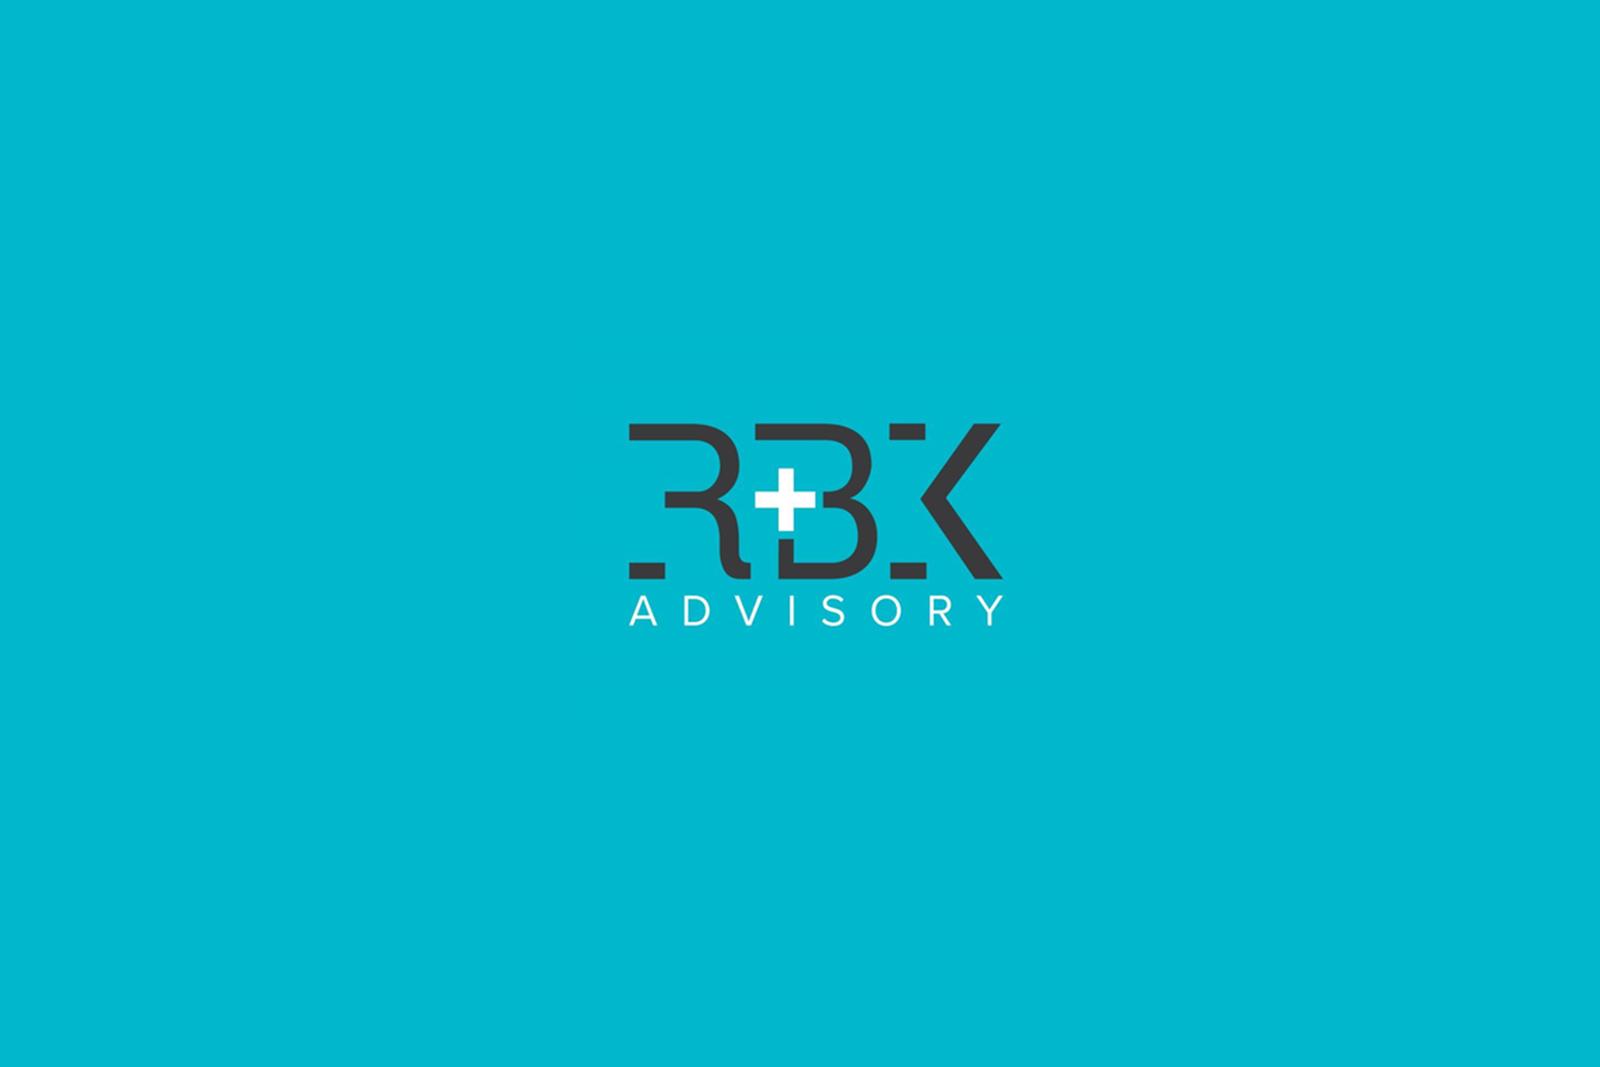 rbk advisor2.jpg